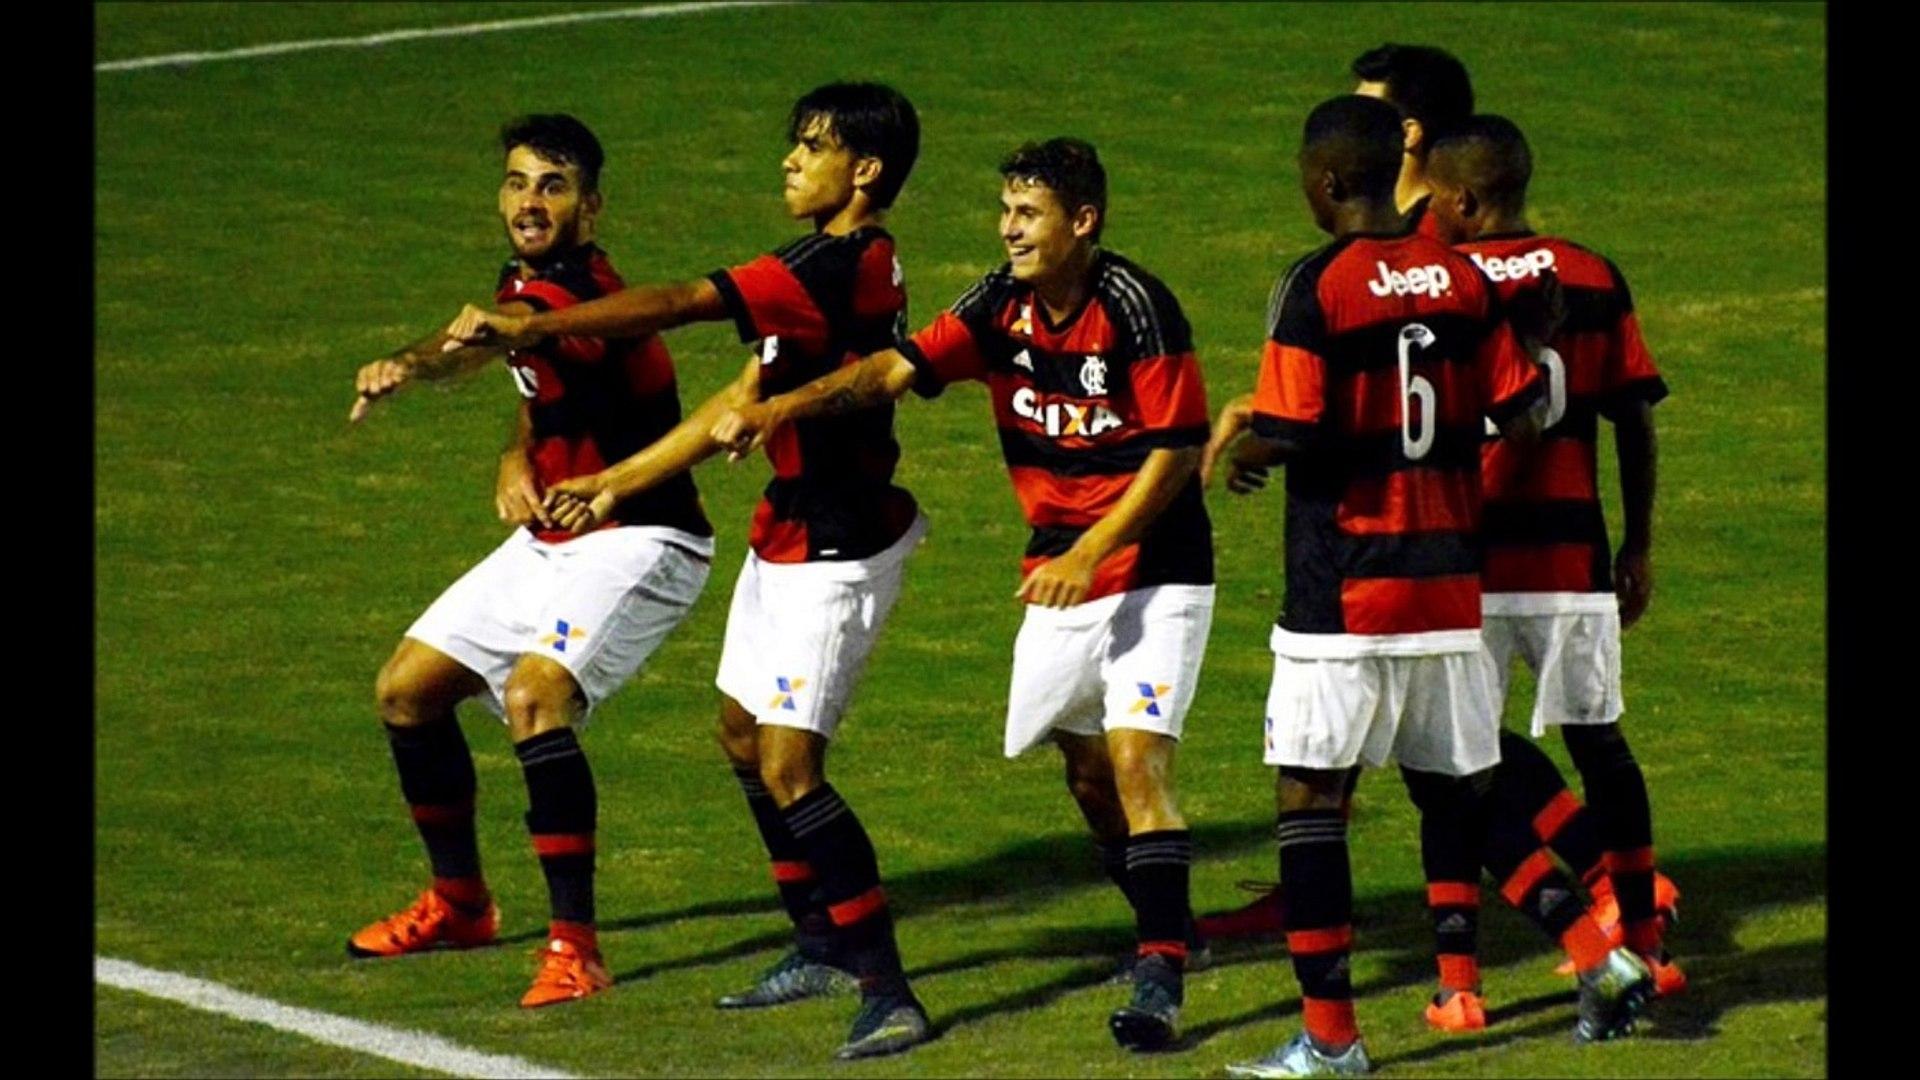 Flamengo 2 x 2 Corinthians - Copa SP de Futebol Jr. - 25 01 2016 - Gols do FLAMENGO CAMPEÃO 2016